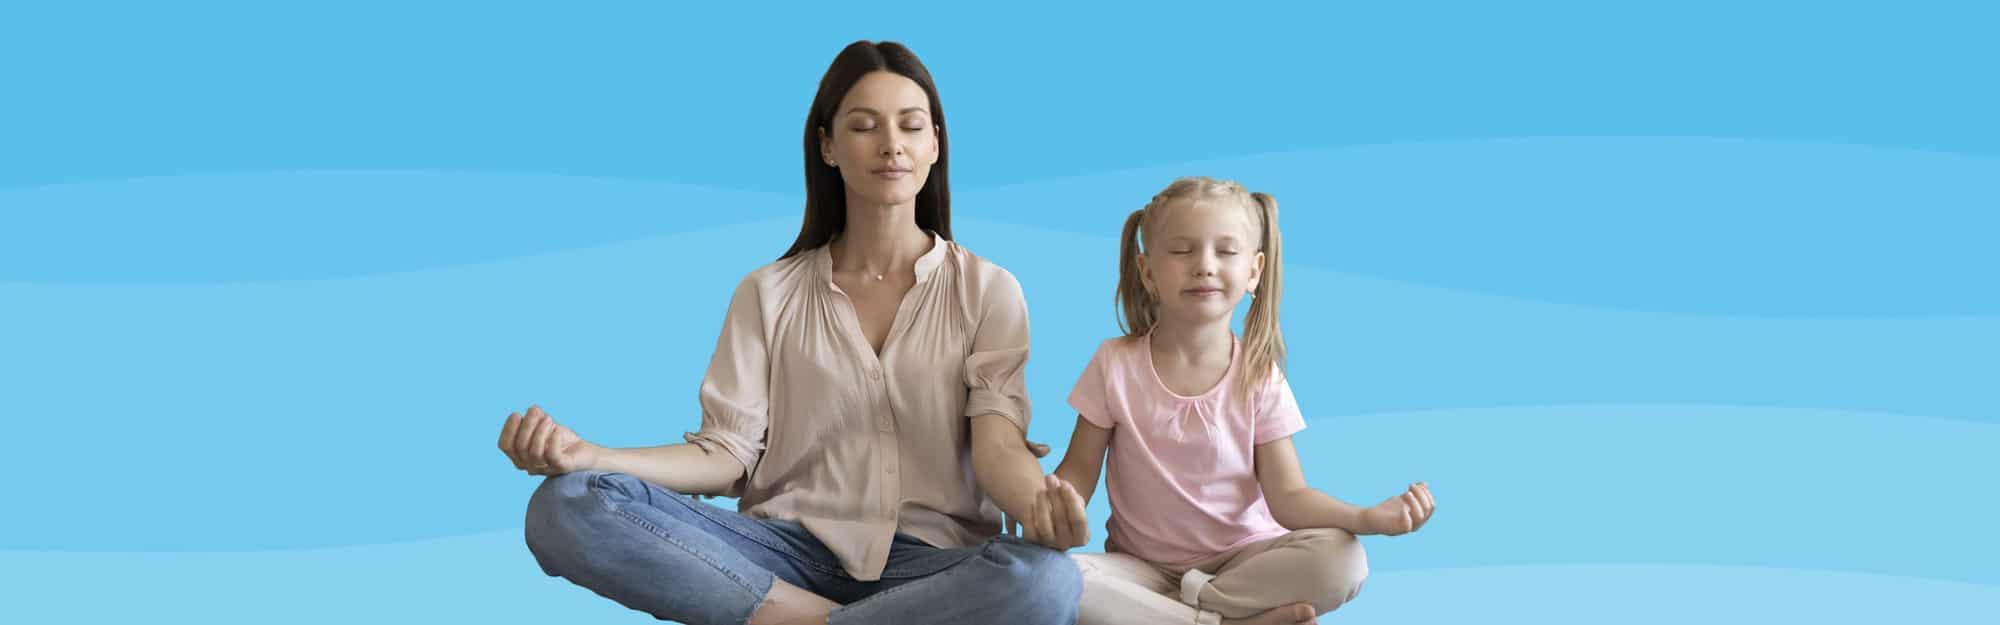 Webgrafik_Åndedrætsøvelser til børn